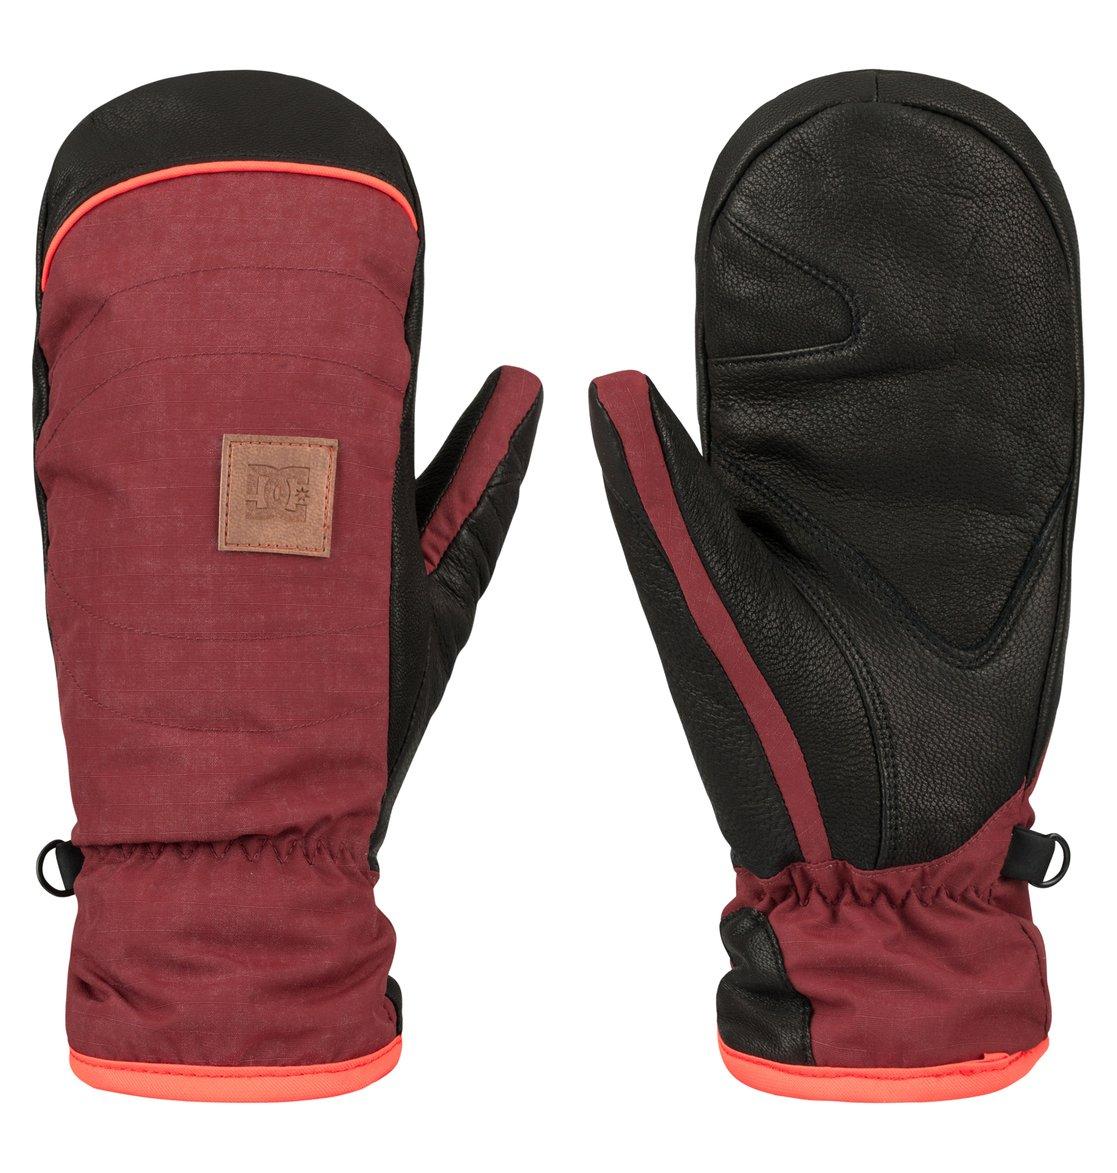 Здесь можно купить   Sugga Перчатки для сноуборда